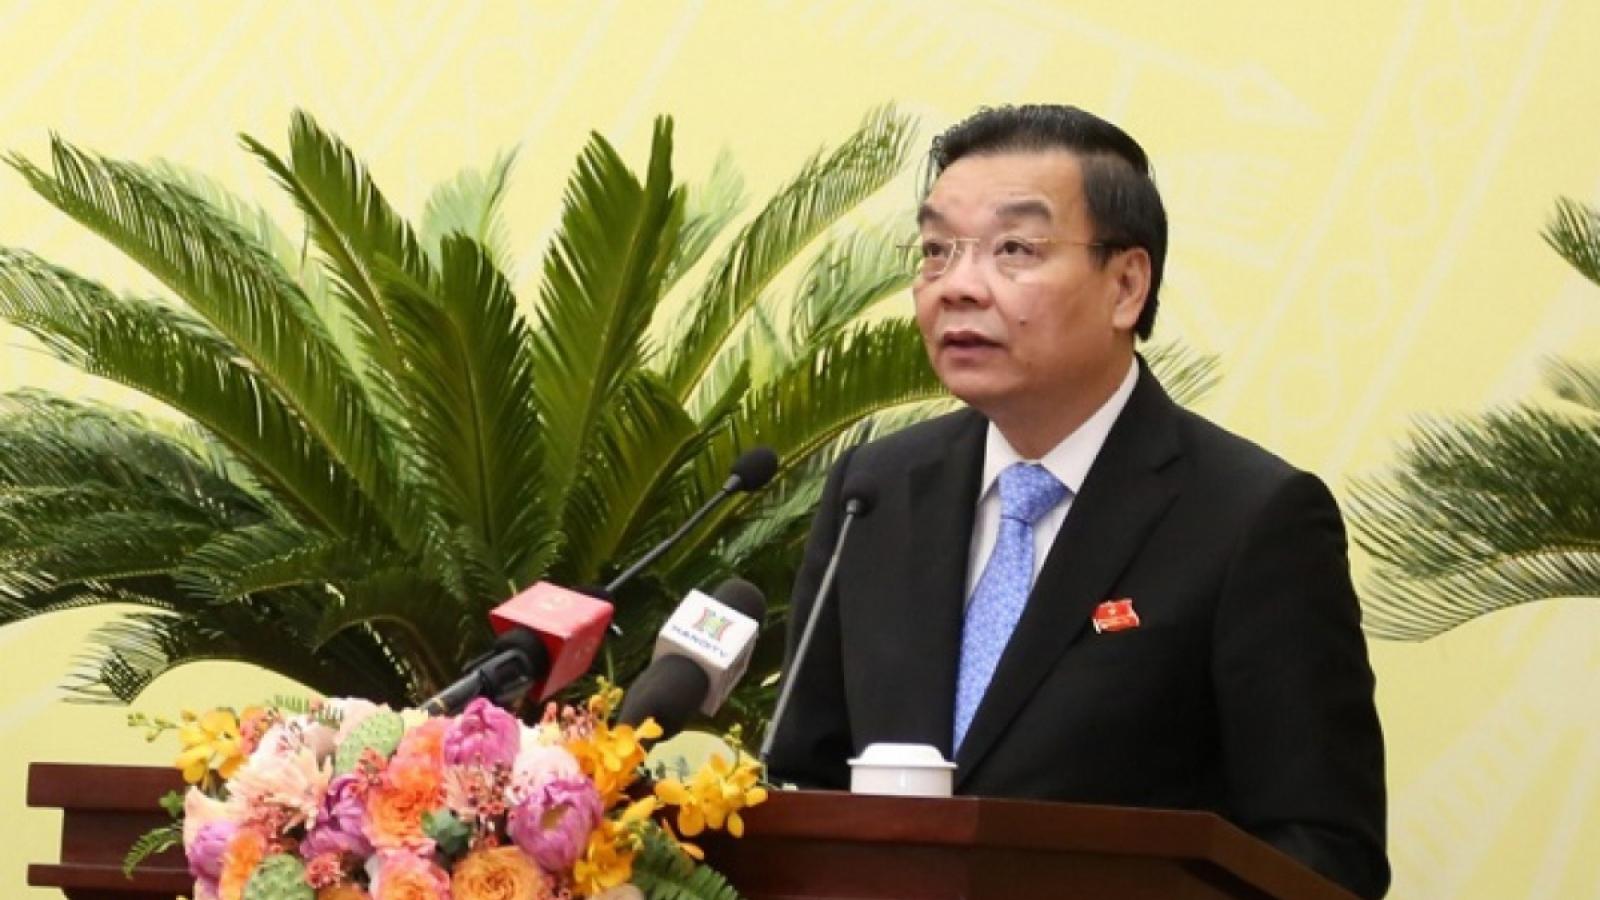 Thủ tướng phê chuẩn kết quả bầu Chủ tịch và 6 Phó Chủ tịch UBND TP. Hà Nội